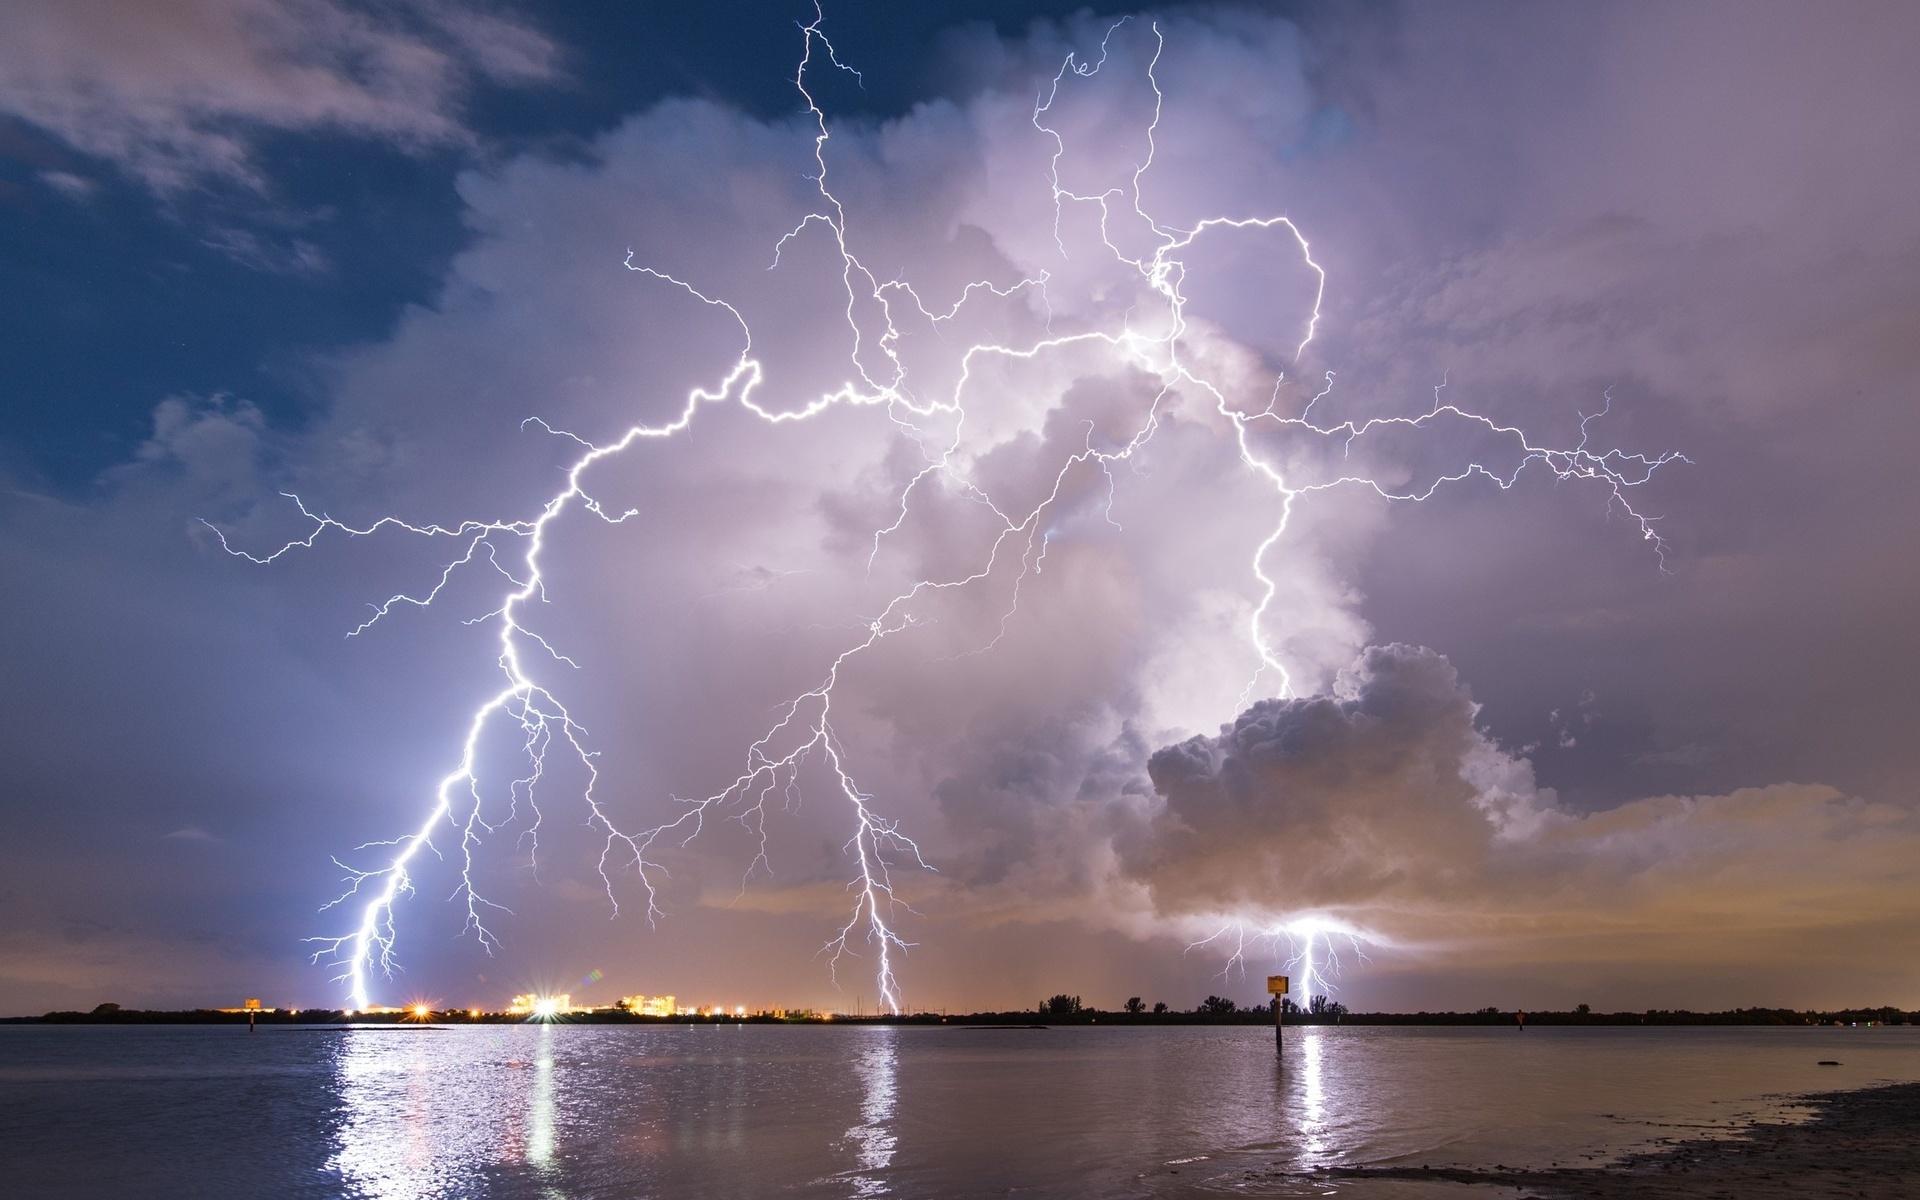 свою красивые картинки погодных явлений этой